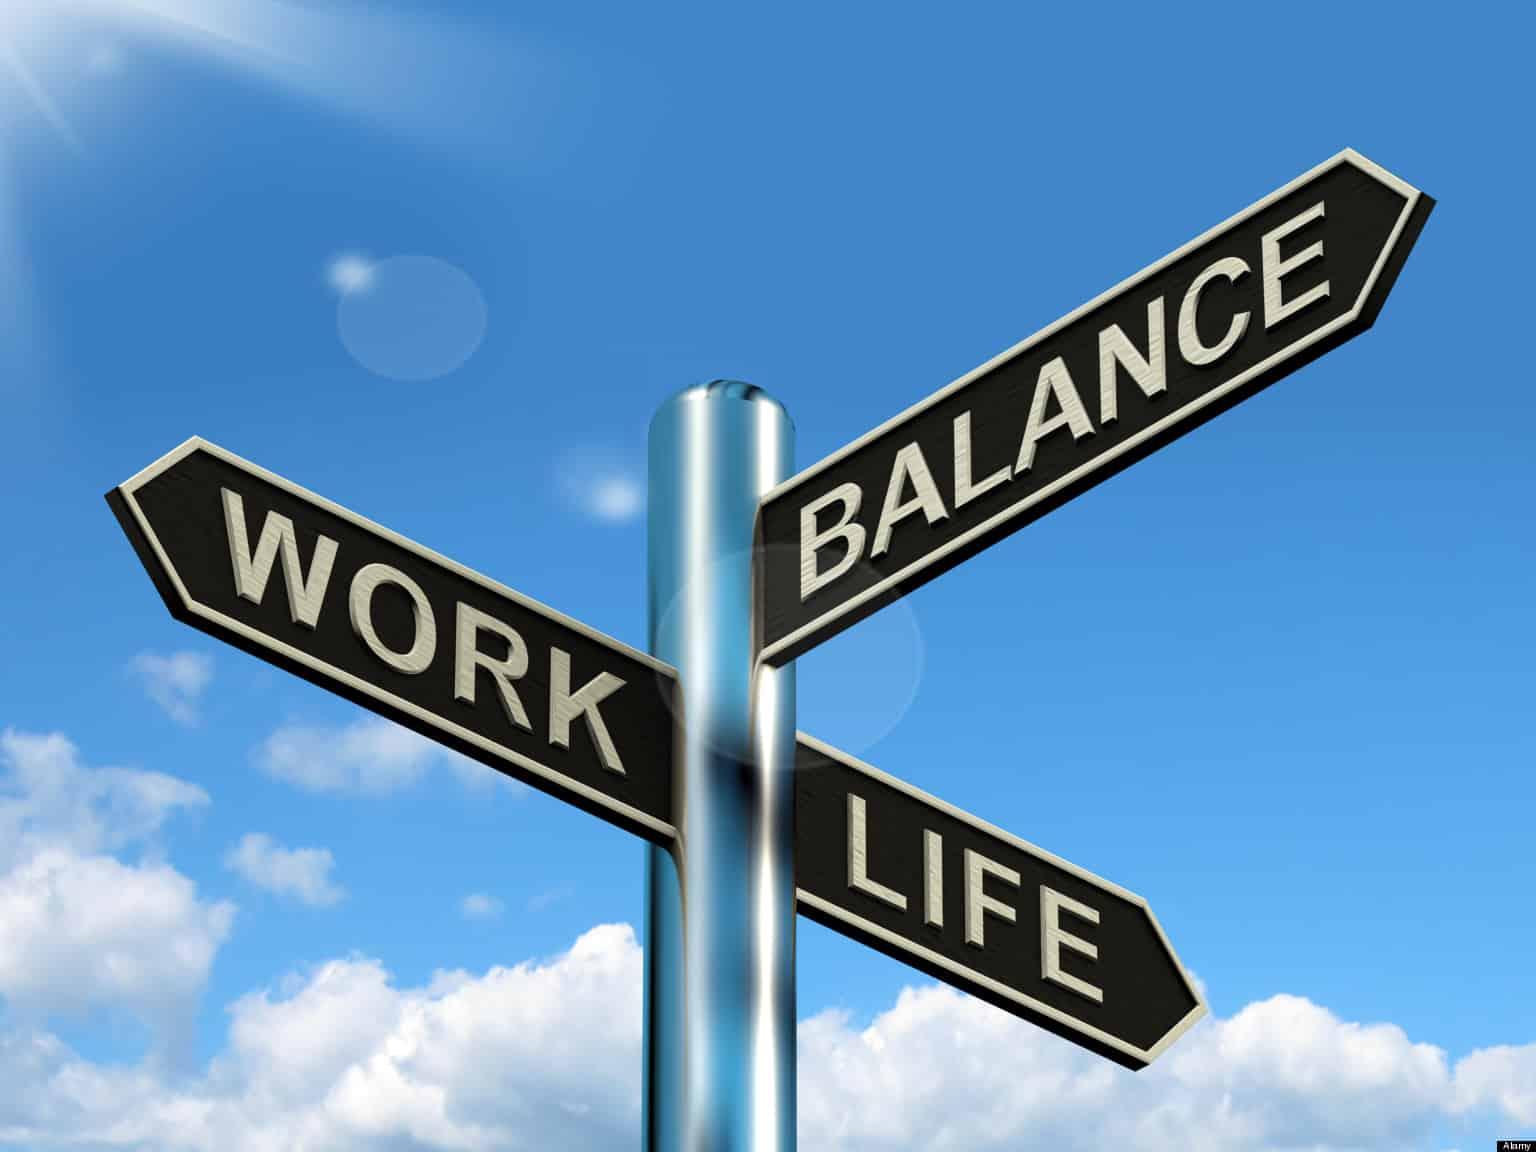 career, business, balance, wellbeing, stress, destress, recharge, work/life balance